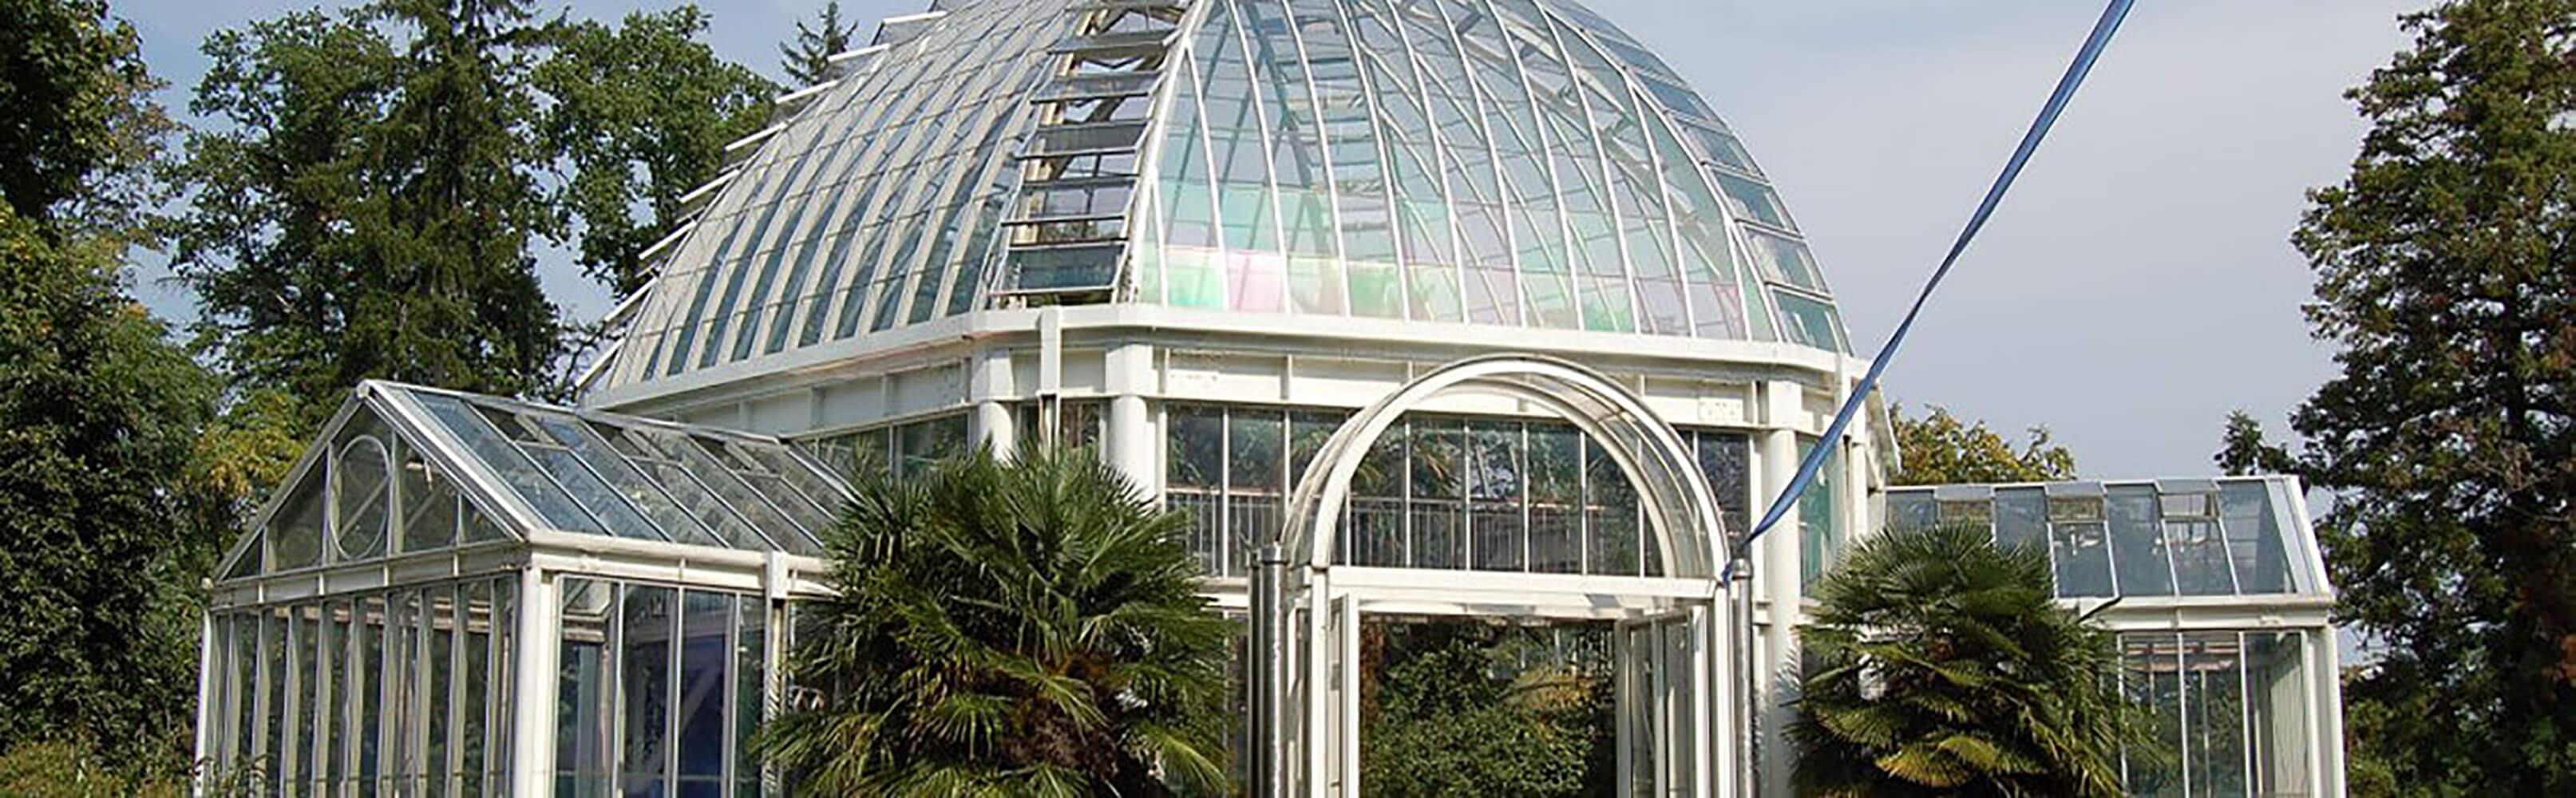 Konservatorium und Botanischer Garten Chambésy/Genf 1